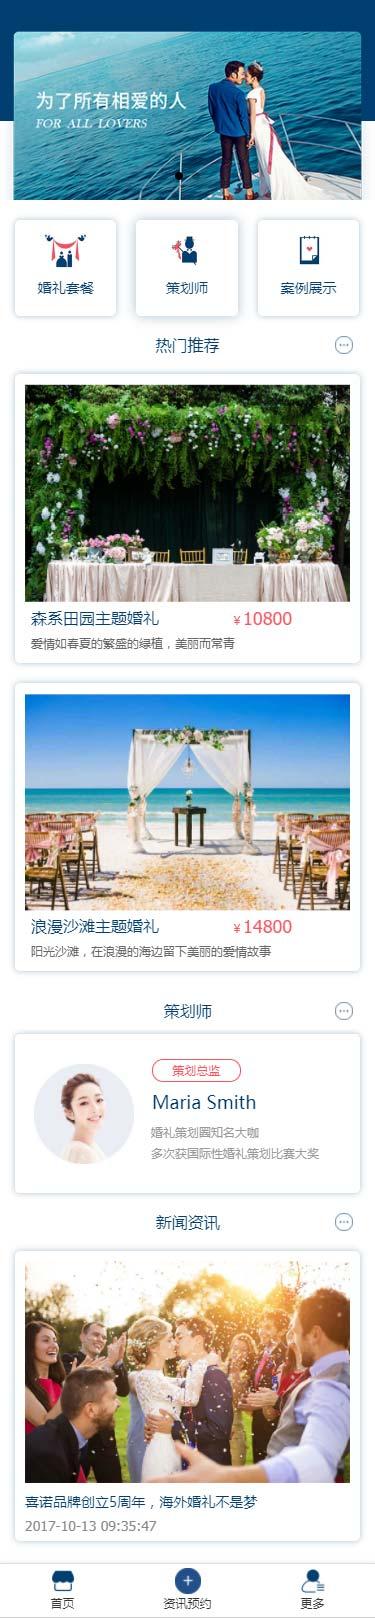 喜诺婚礼策划展示模板